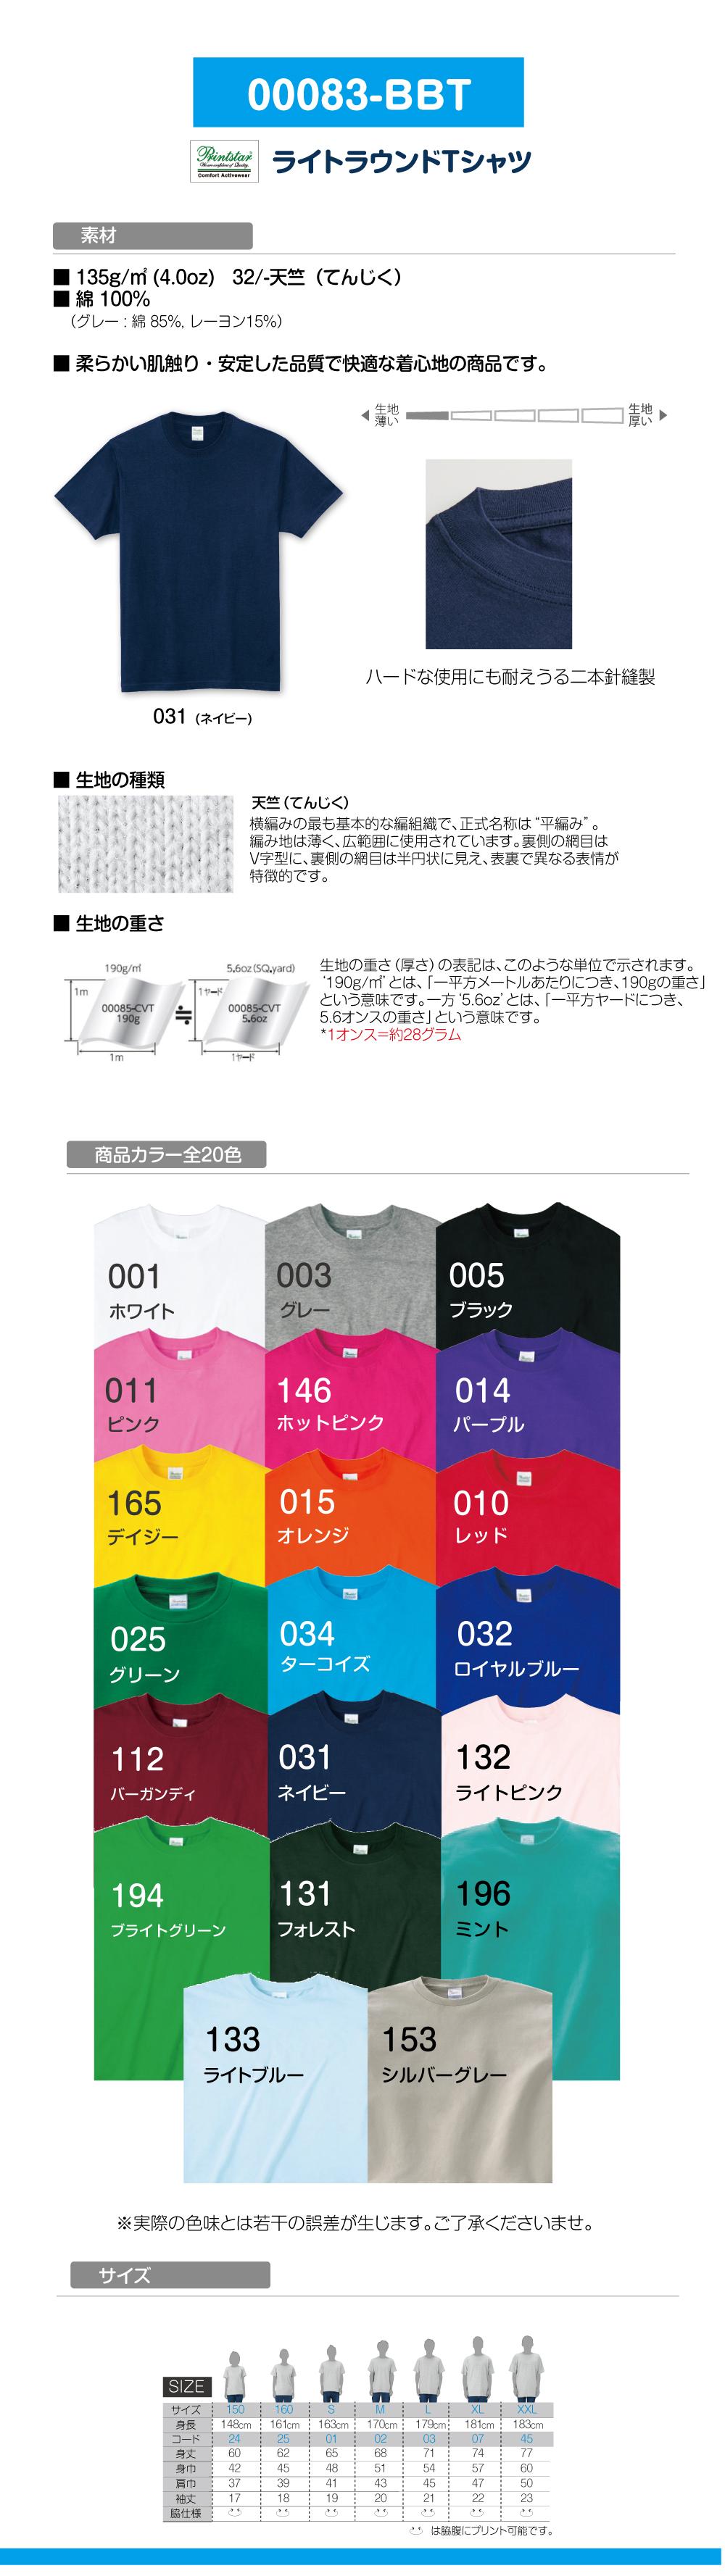 オリジナルTシャツをスピード印刷 小ロットから大ロットまで注文可能です。ユニフォームやイベントに!